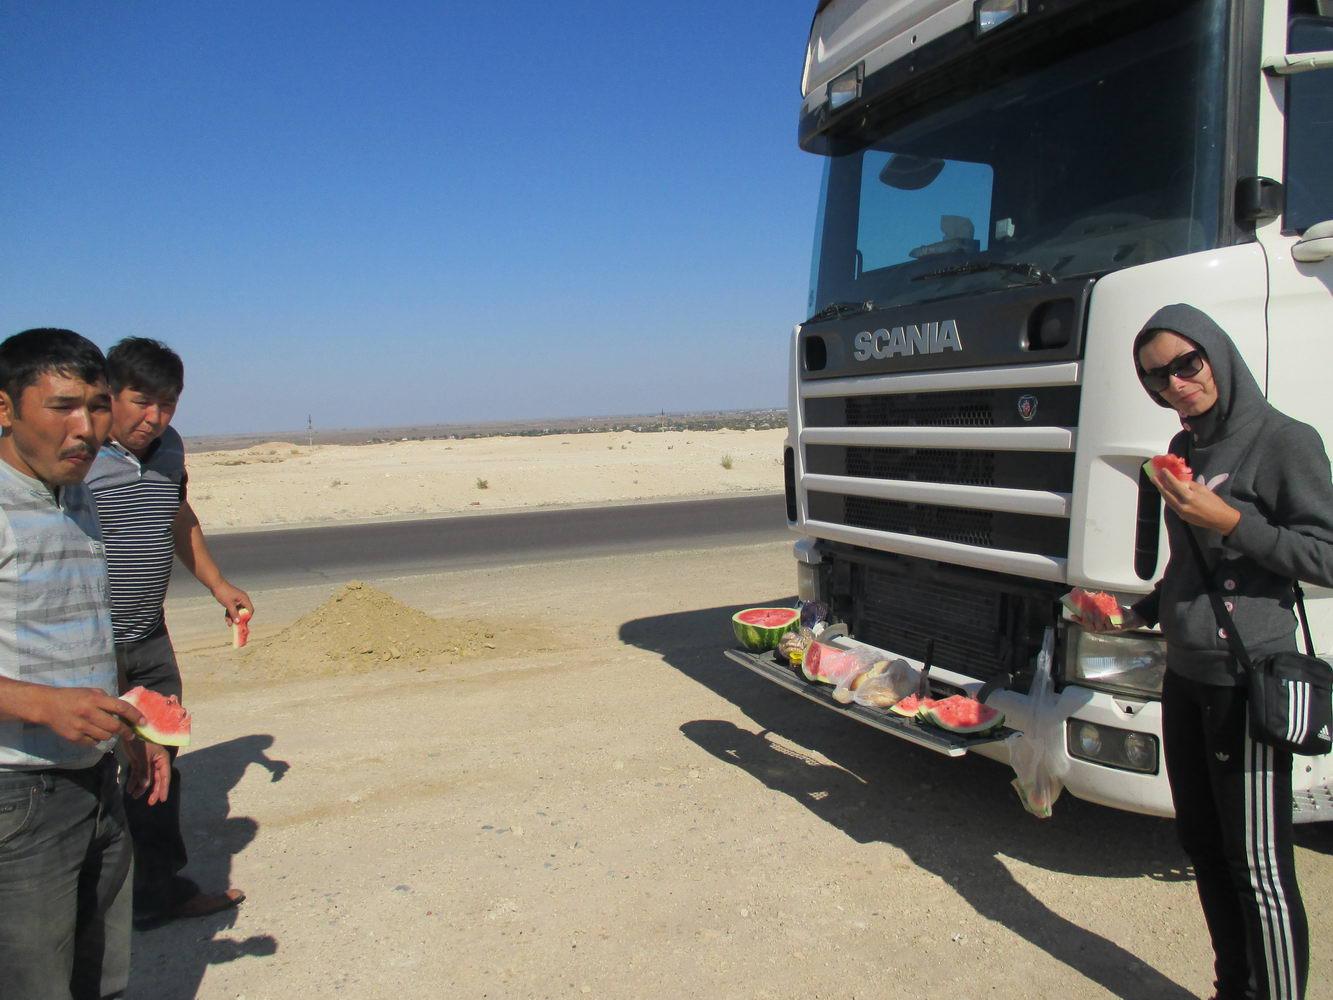 автостоп с казахами. пустыня кызылкум. путь из узбекистана в казахстан